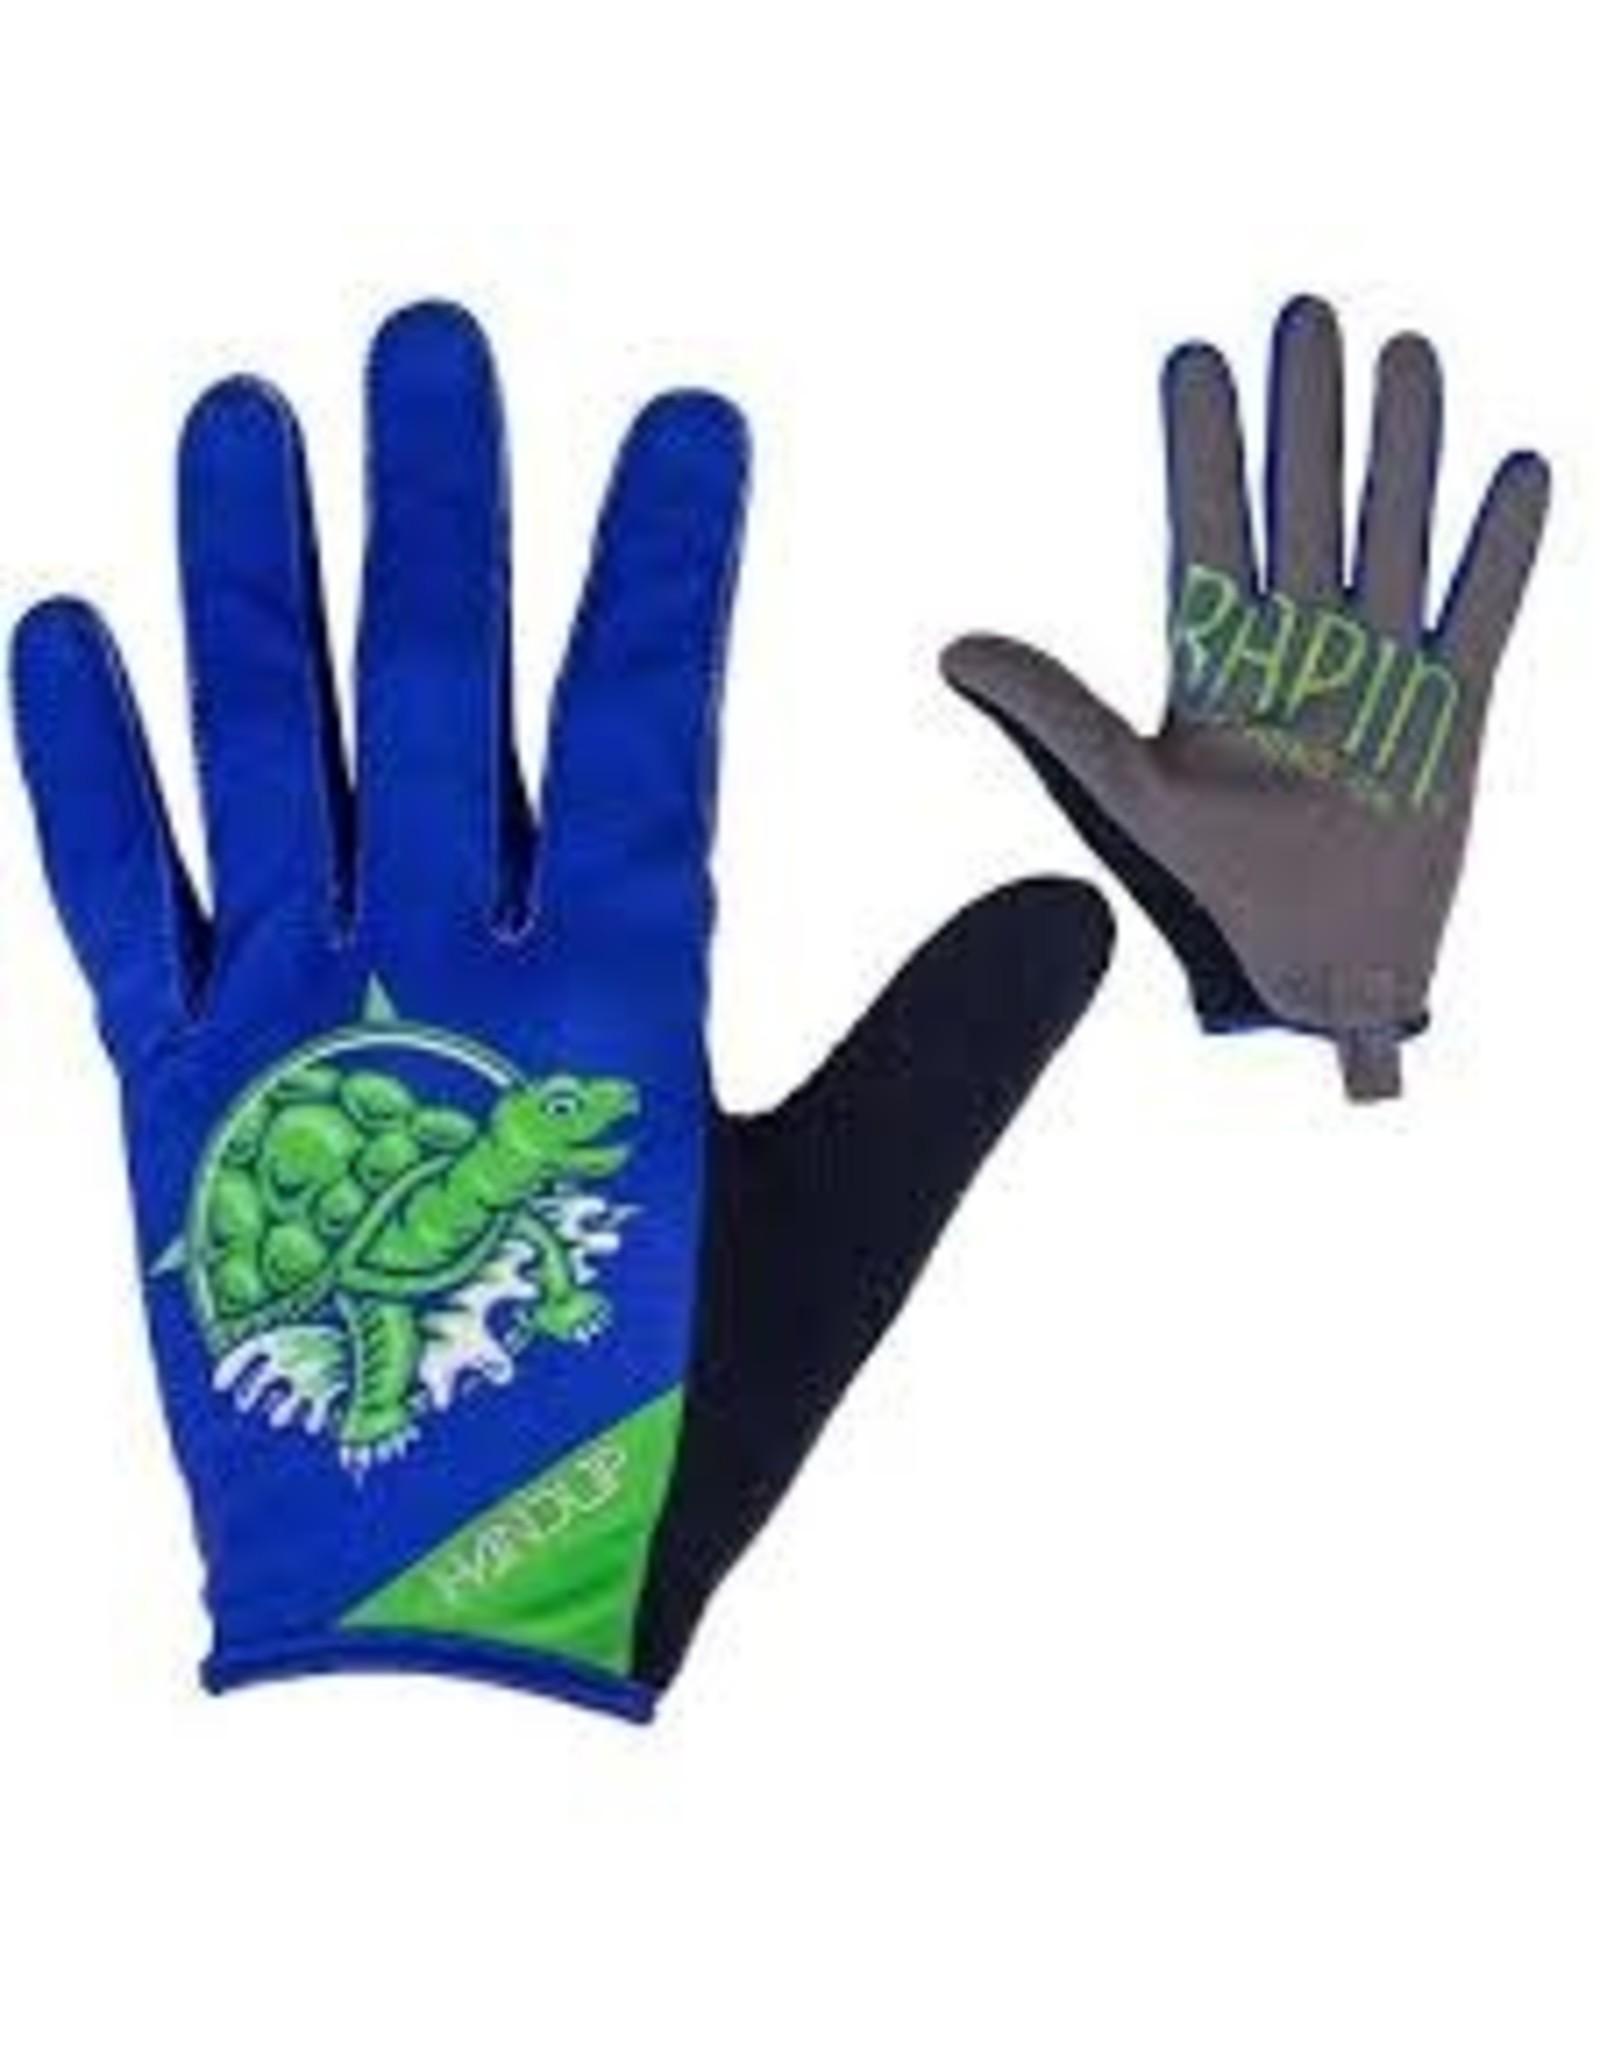 Glove Handup Terrapin Beer X-Large